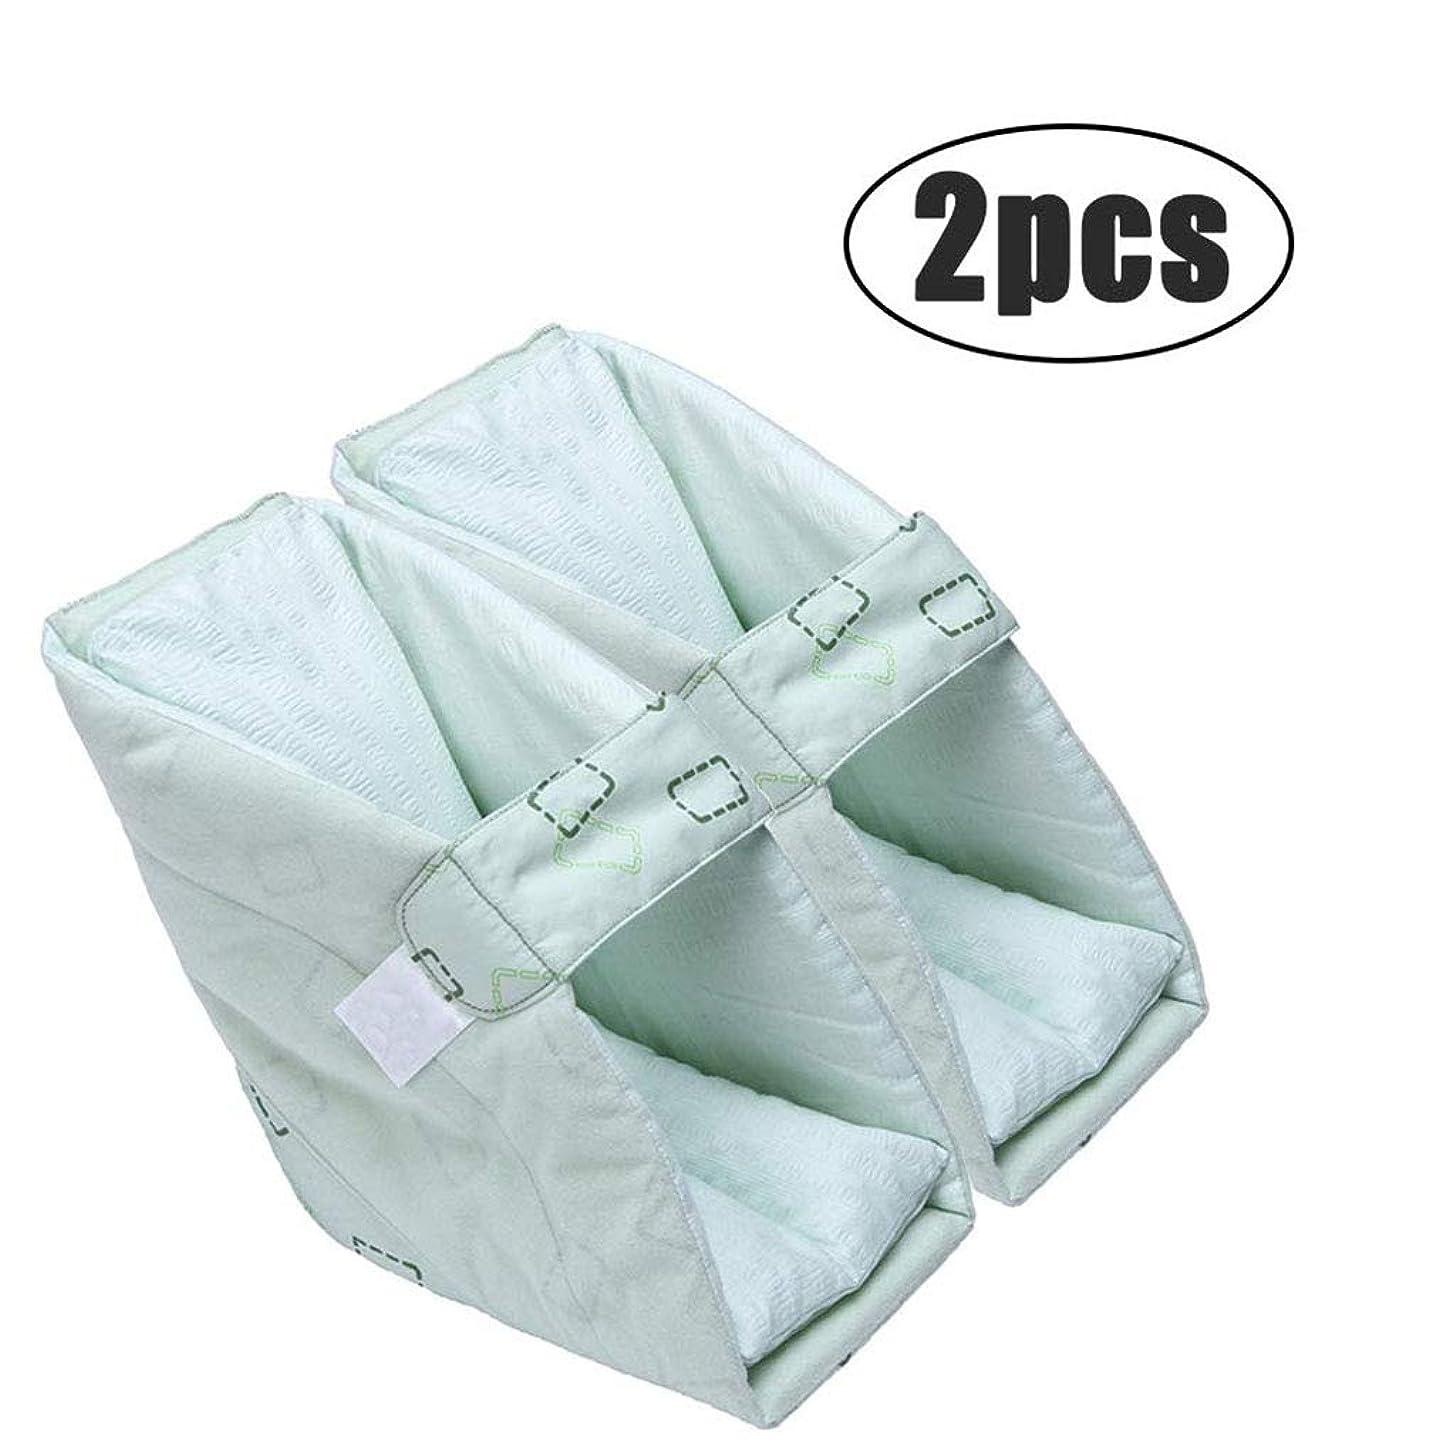 ドレイン天国差別Almohadillas para los pies Protectores para el talón Cojines, almohadilla de talón en la cama antiescaras: alivio efectivo de la presión y úlceras para pies hinchados,2pcs